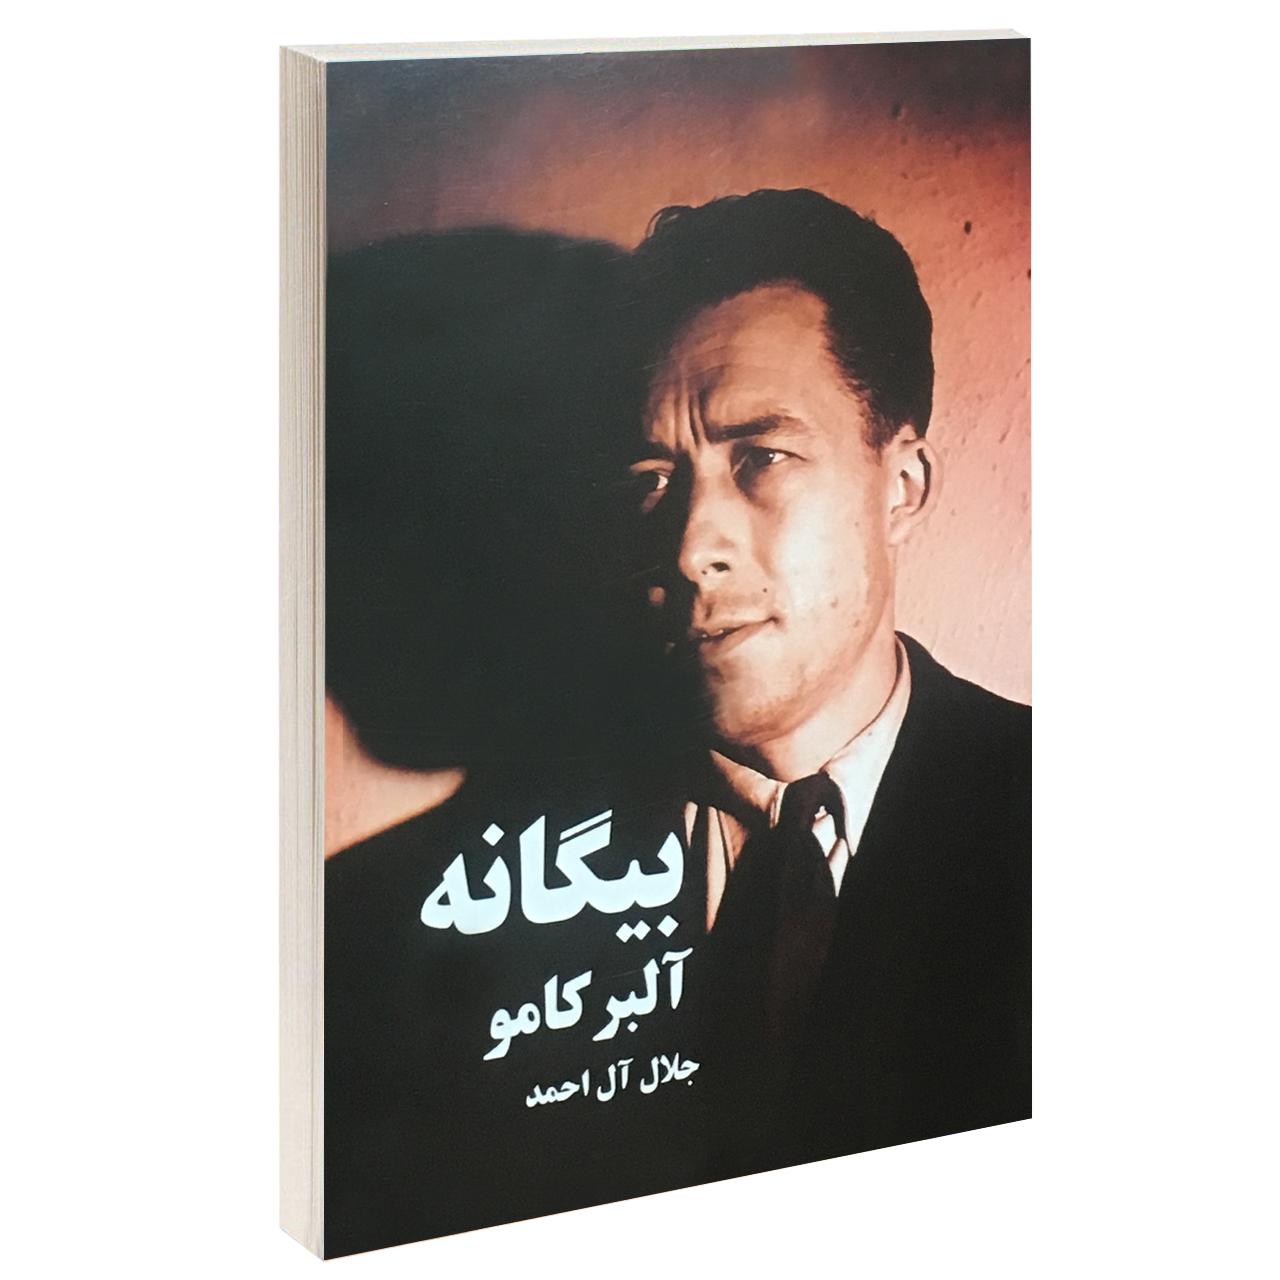 کتاب بیگانه اثر آلبر کامو نشر پرثوا